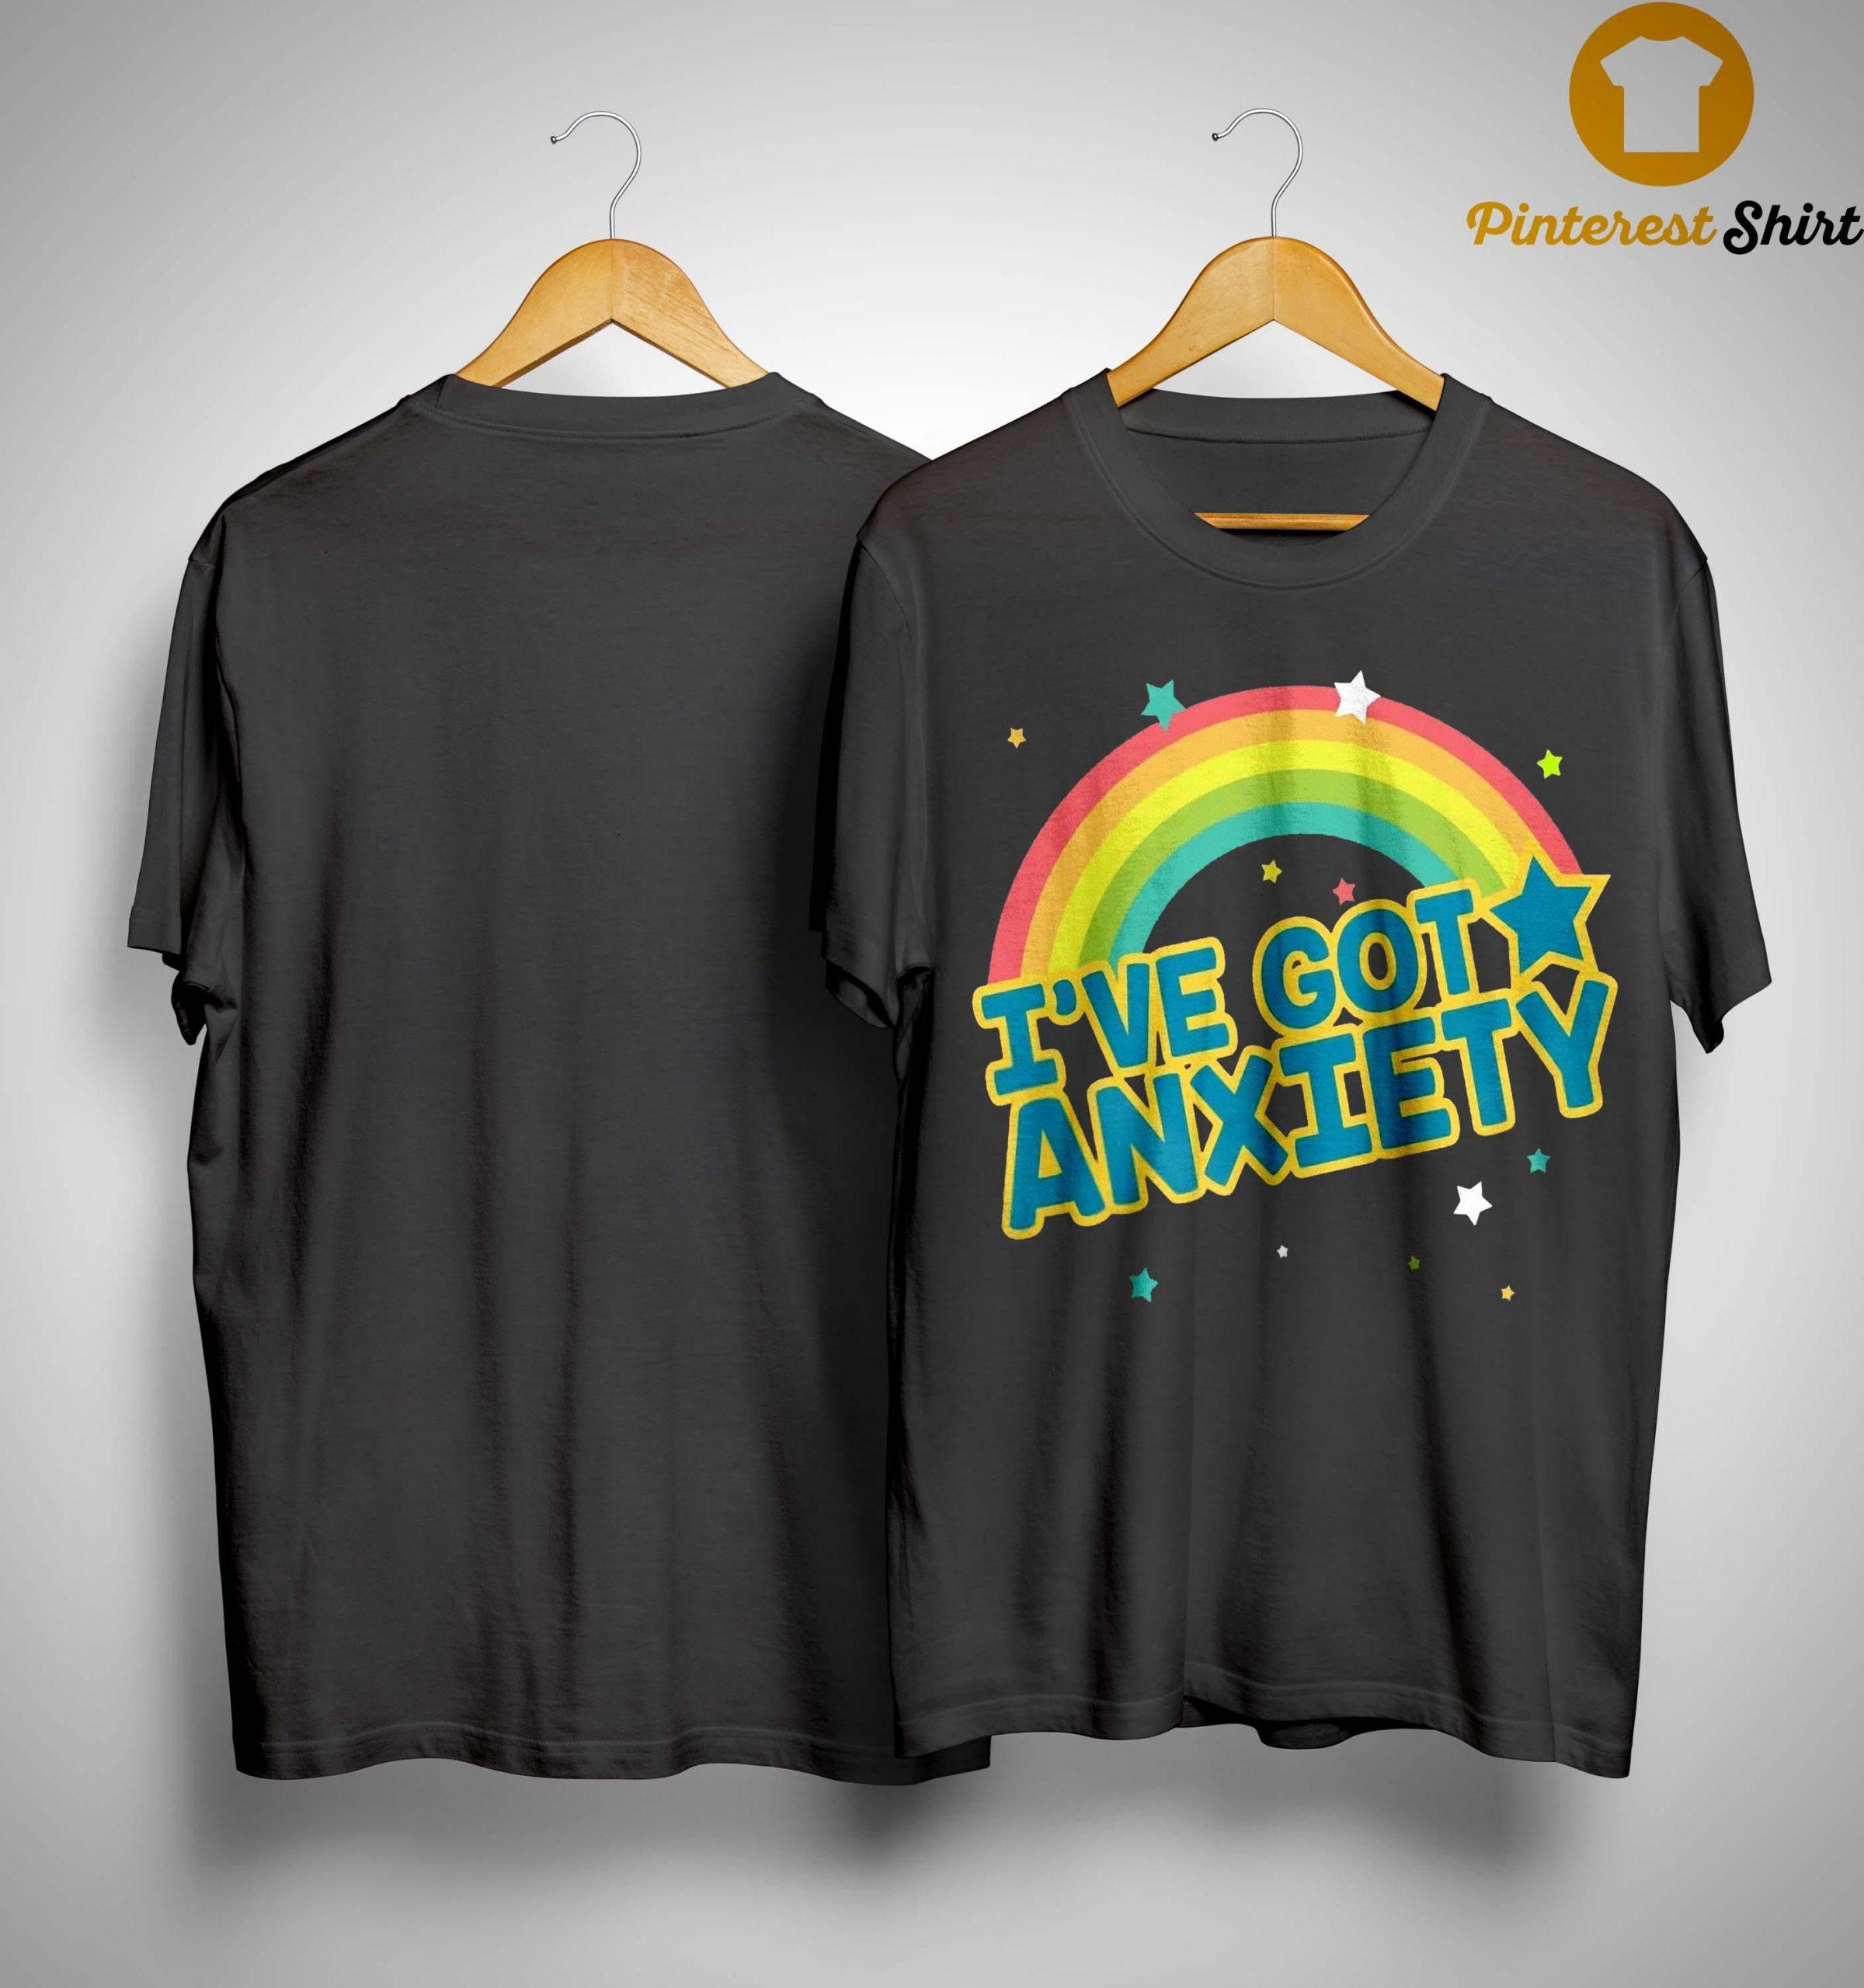 Rainbow I've Got Anxiety Shirt